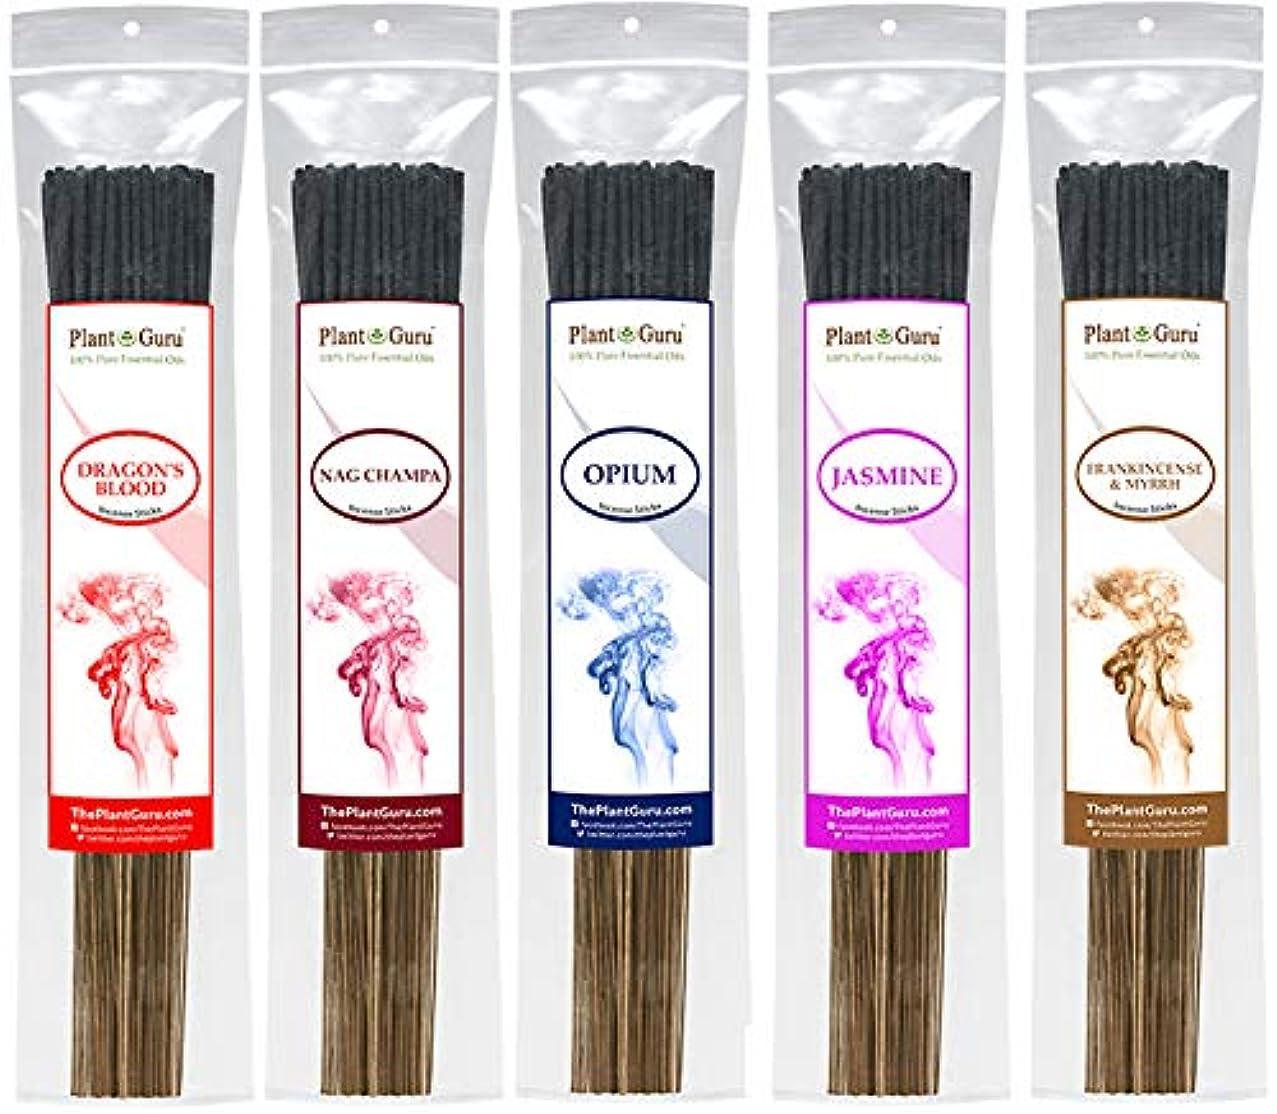 変化雄弁な一般的なIncenseサンプラーセットエキゾチックIncense Sticks 925グラムスティック数合計425 to 500 Sticksプレミアム品質Smooth Clean Burn各スティックは10.5インチ長Burn...